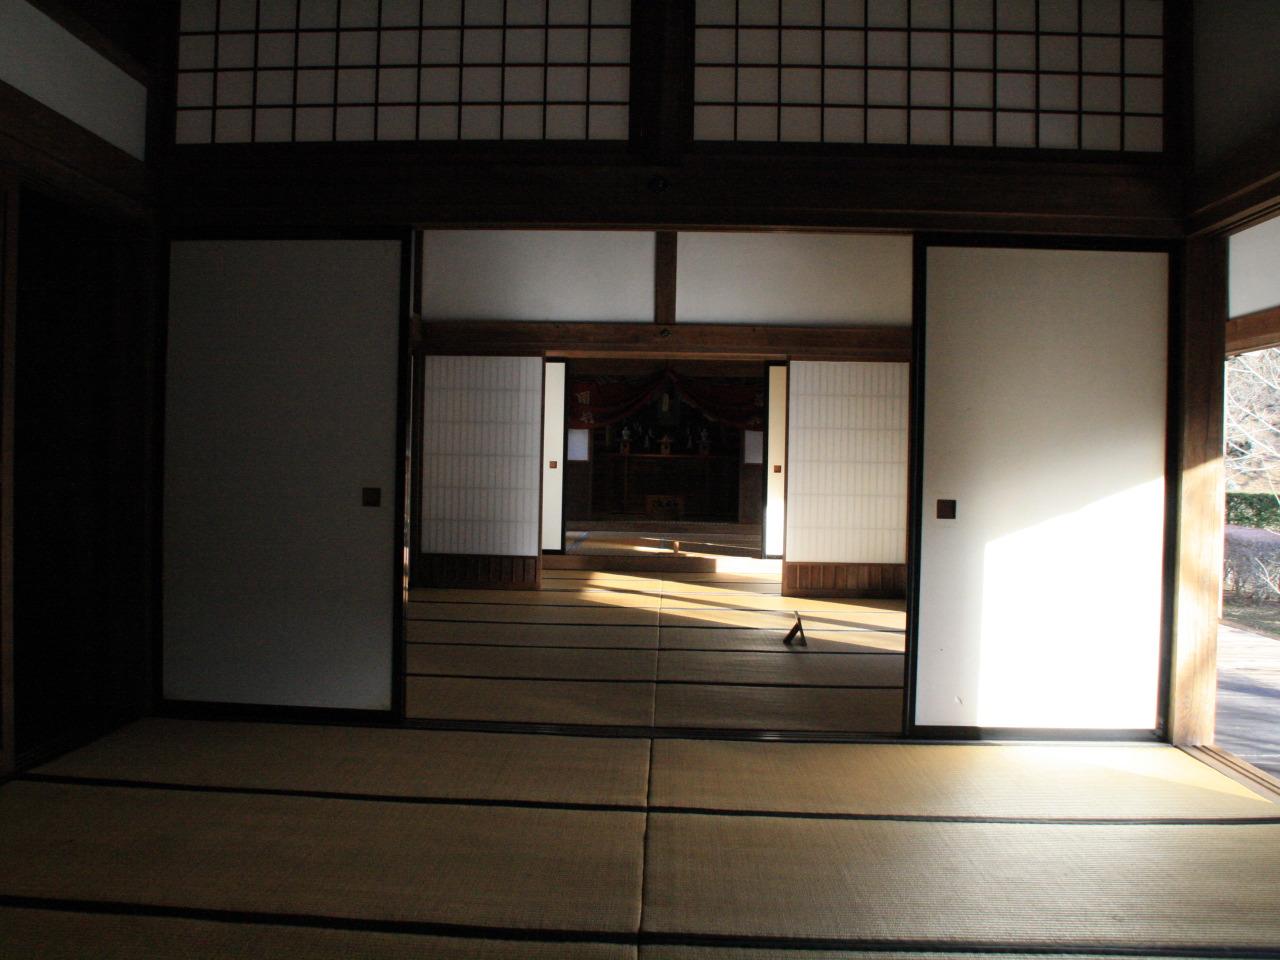 富士吉田市歴史民俗博物館・御師住宅(小佐野家住宅復原)